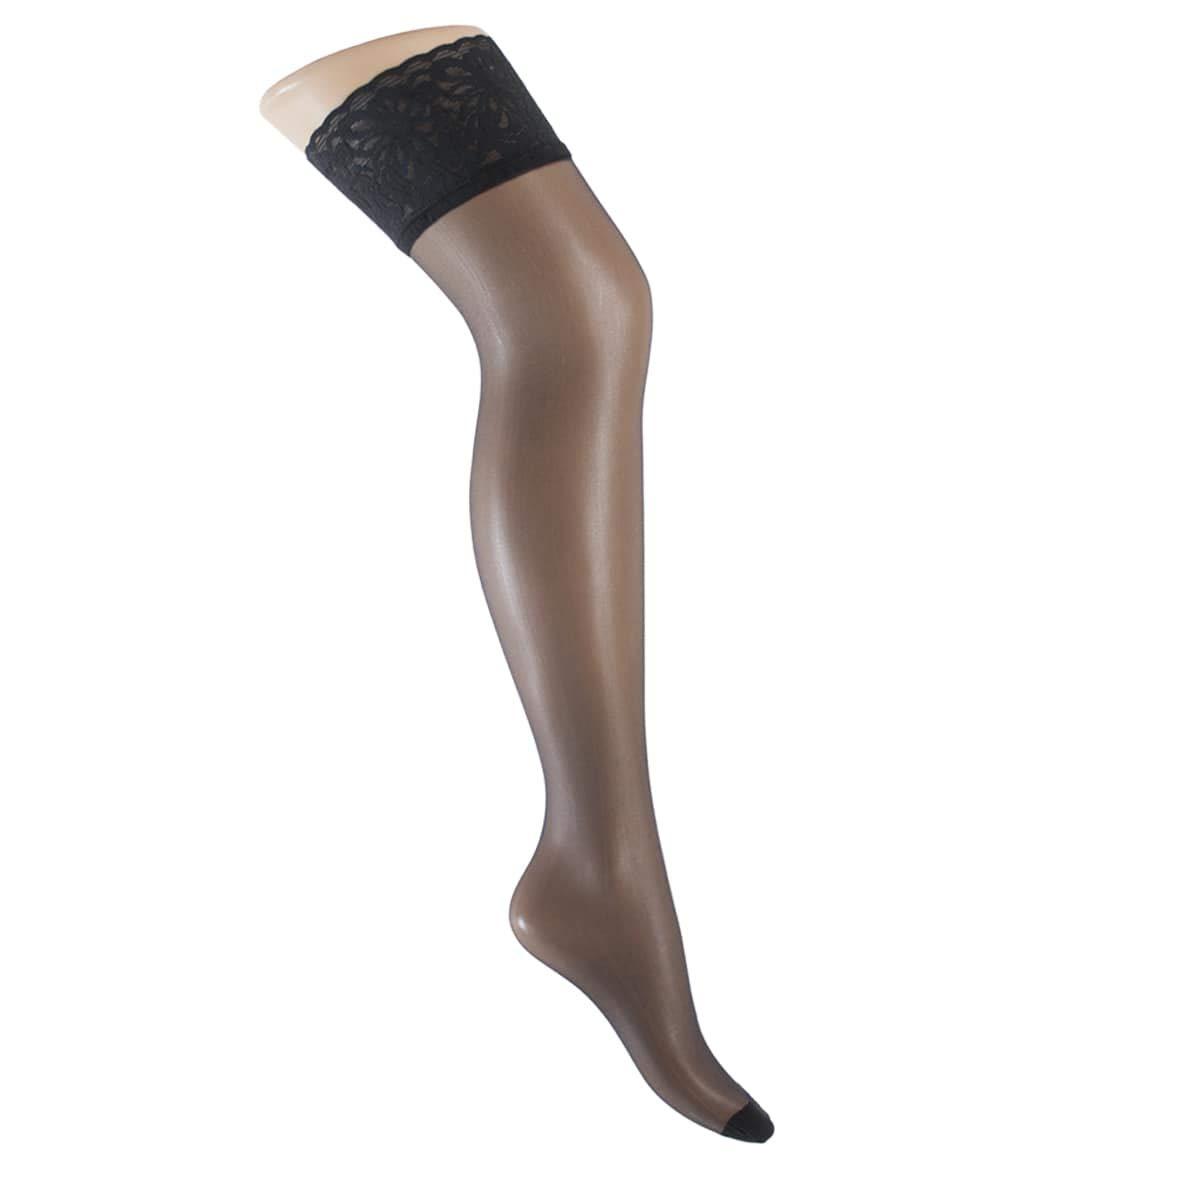 L'Elledue Pacco da 3 Calze Collant Autoreggenti Stay Up 15 DEN Setificata Opaca ed Elasticizzata con Balza in Pizzo Siliconata